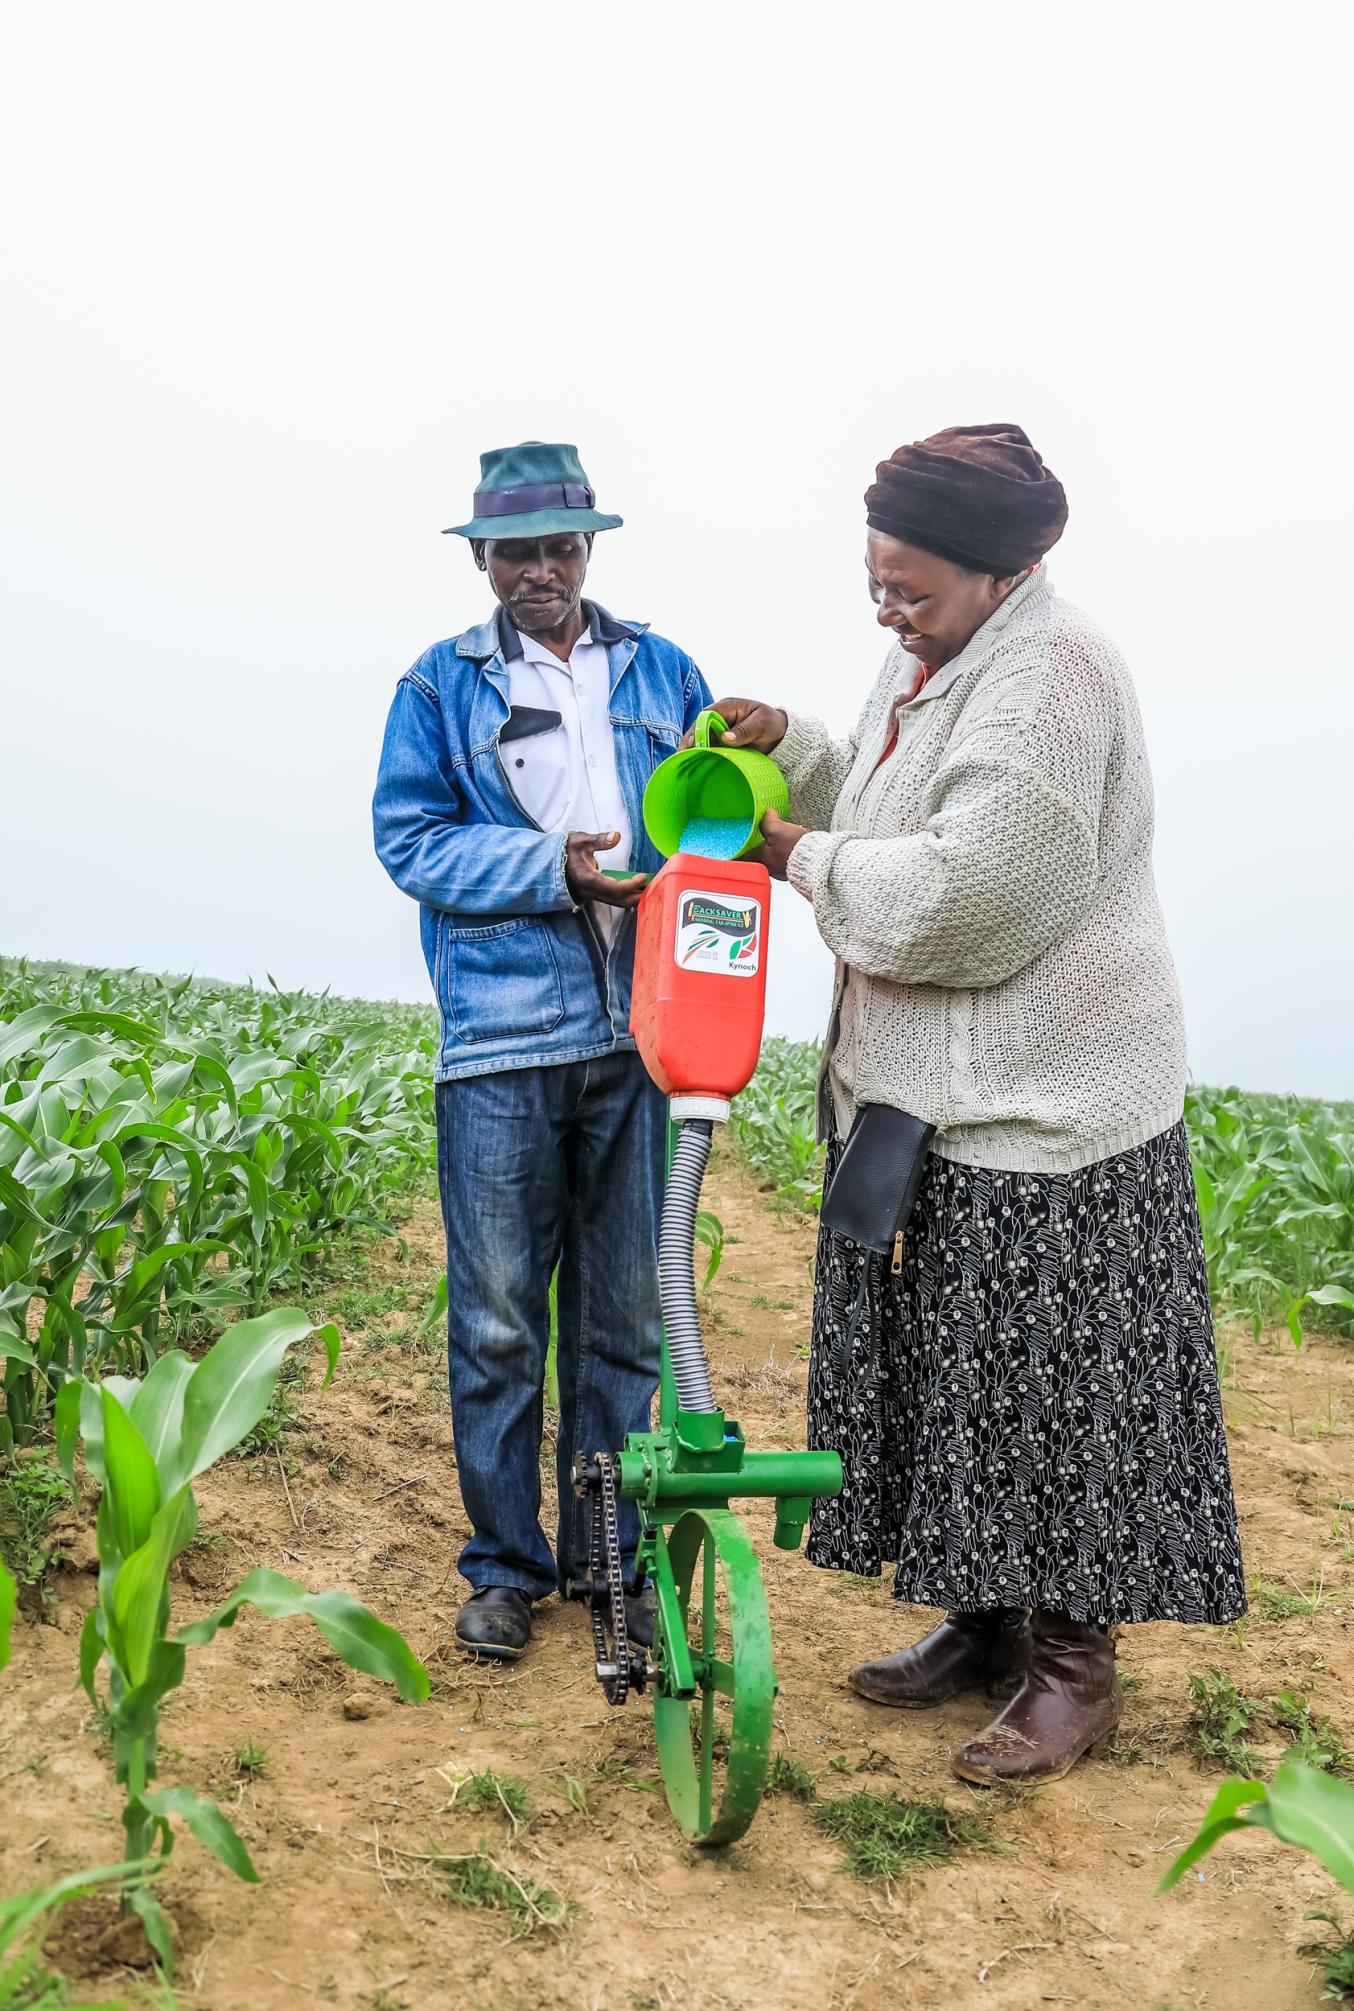 Backsaver Farm Equipment for fertiliser application